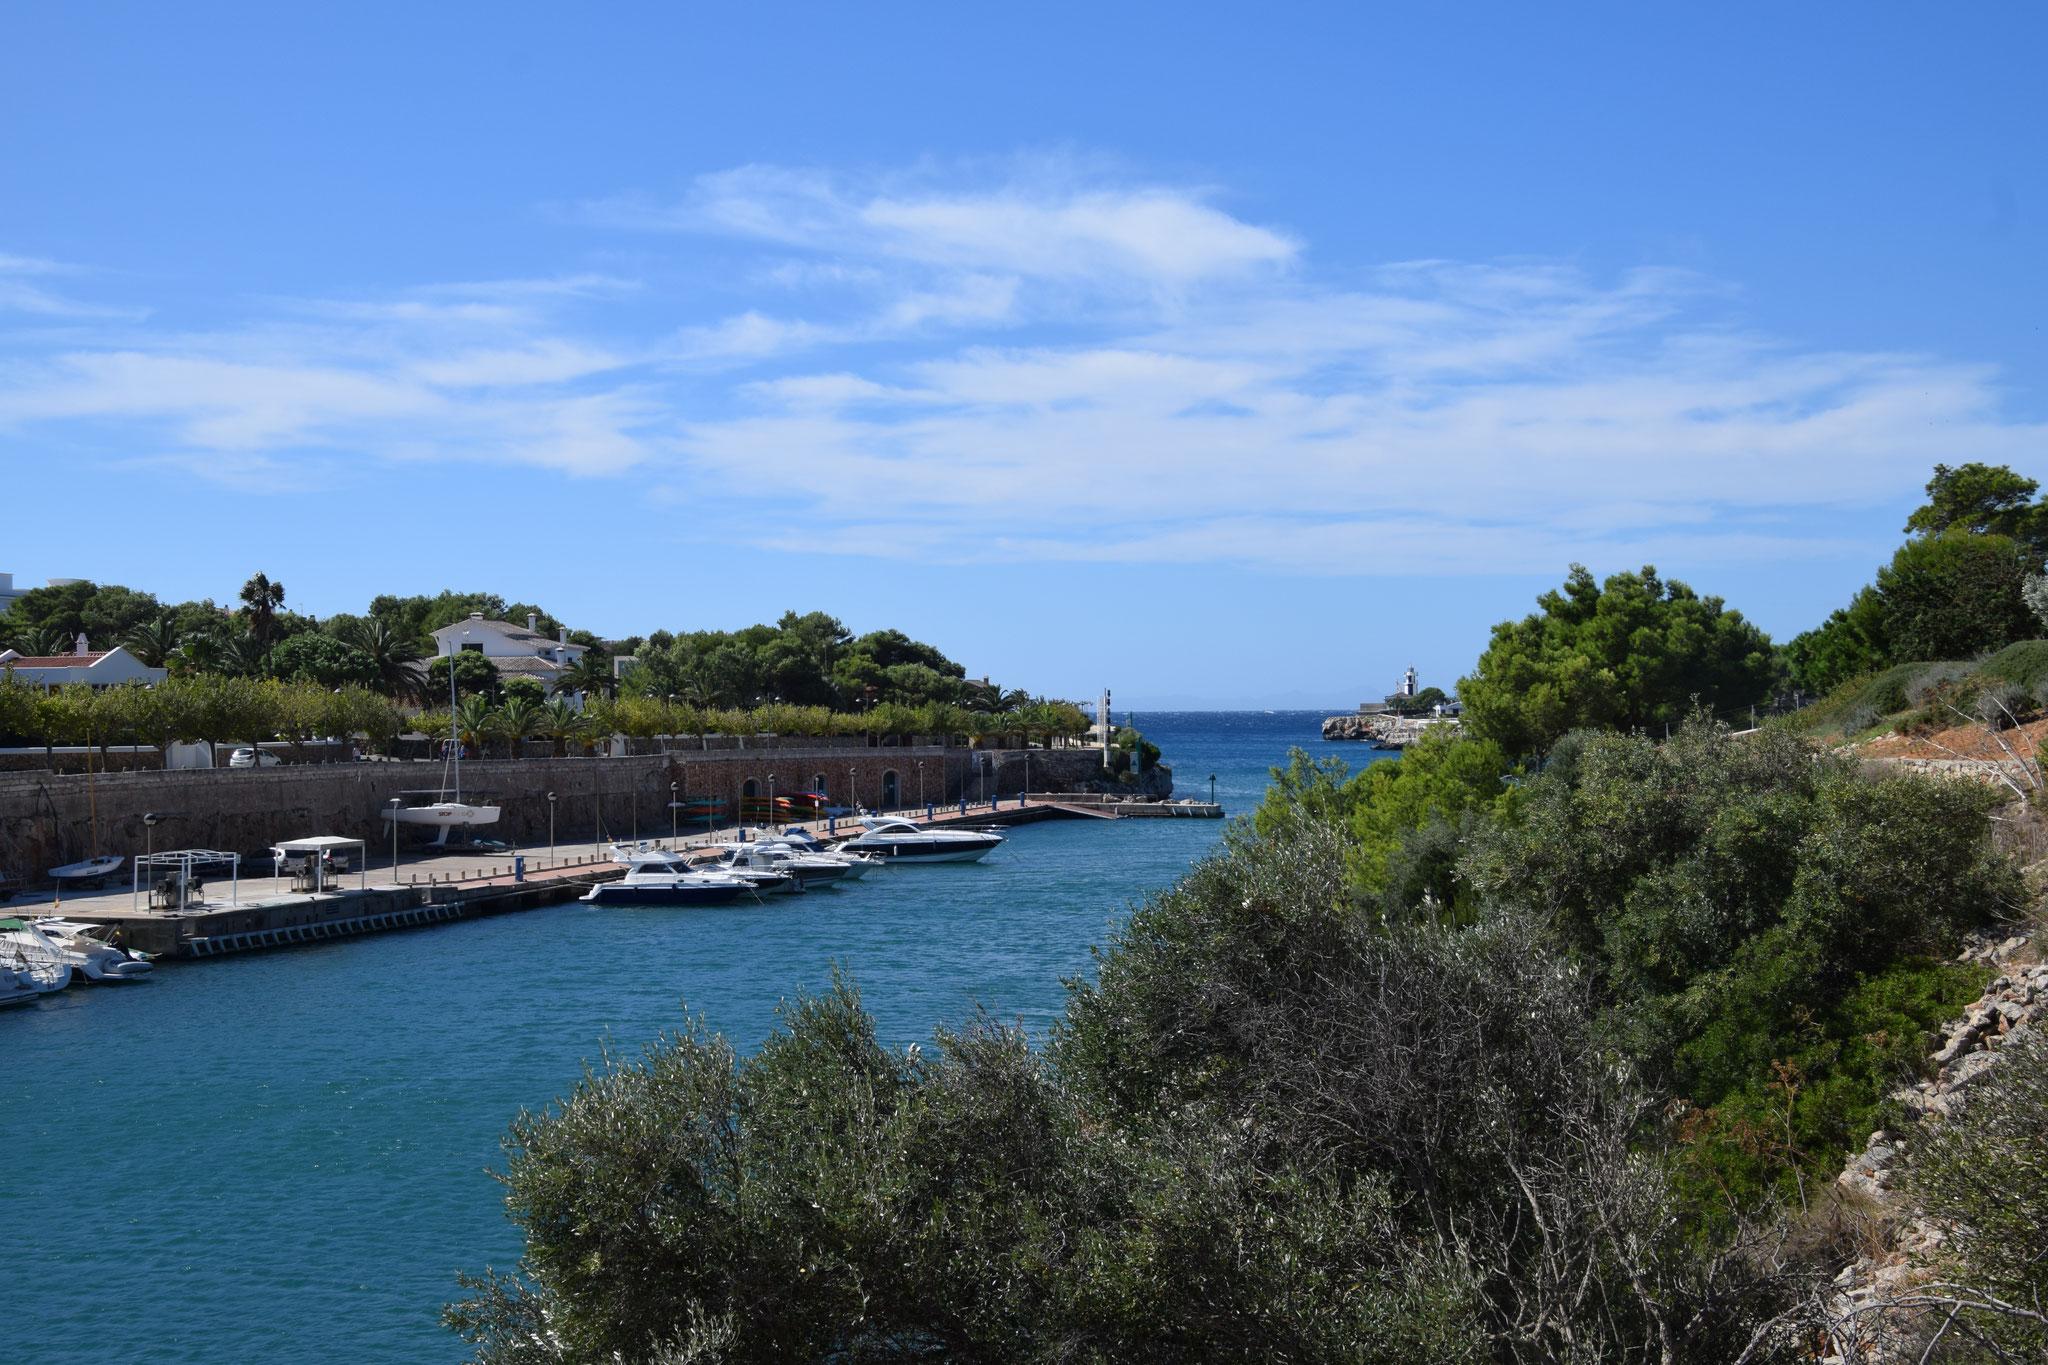 Hafeneinfahrt in Ciutadella, die ehemalige Hauptstadt Menorcas